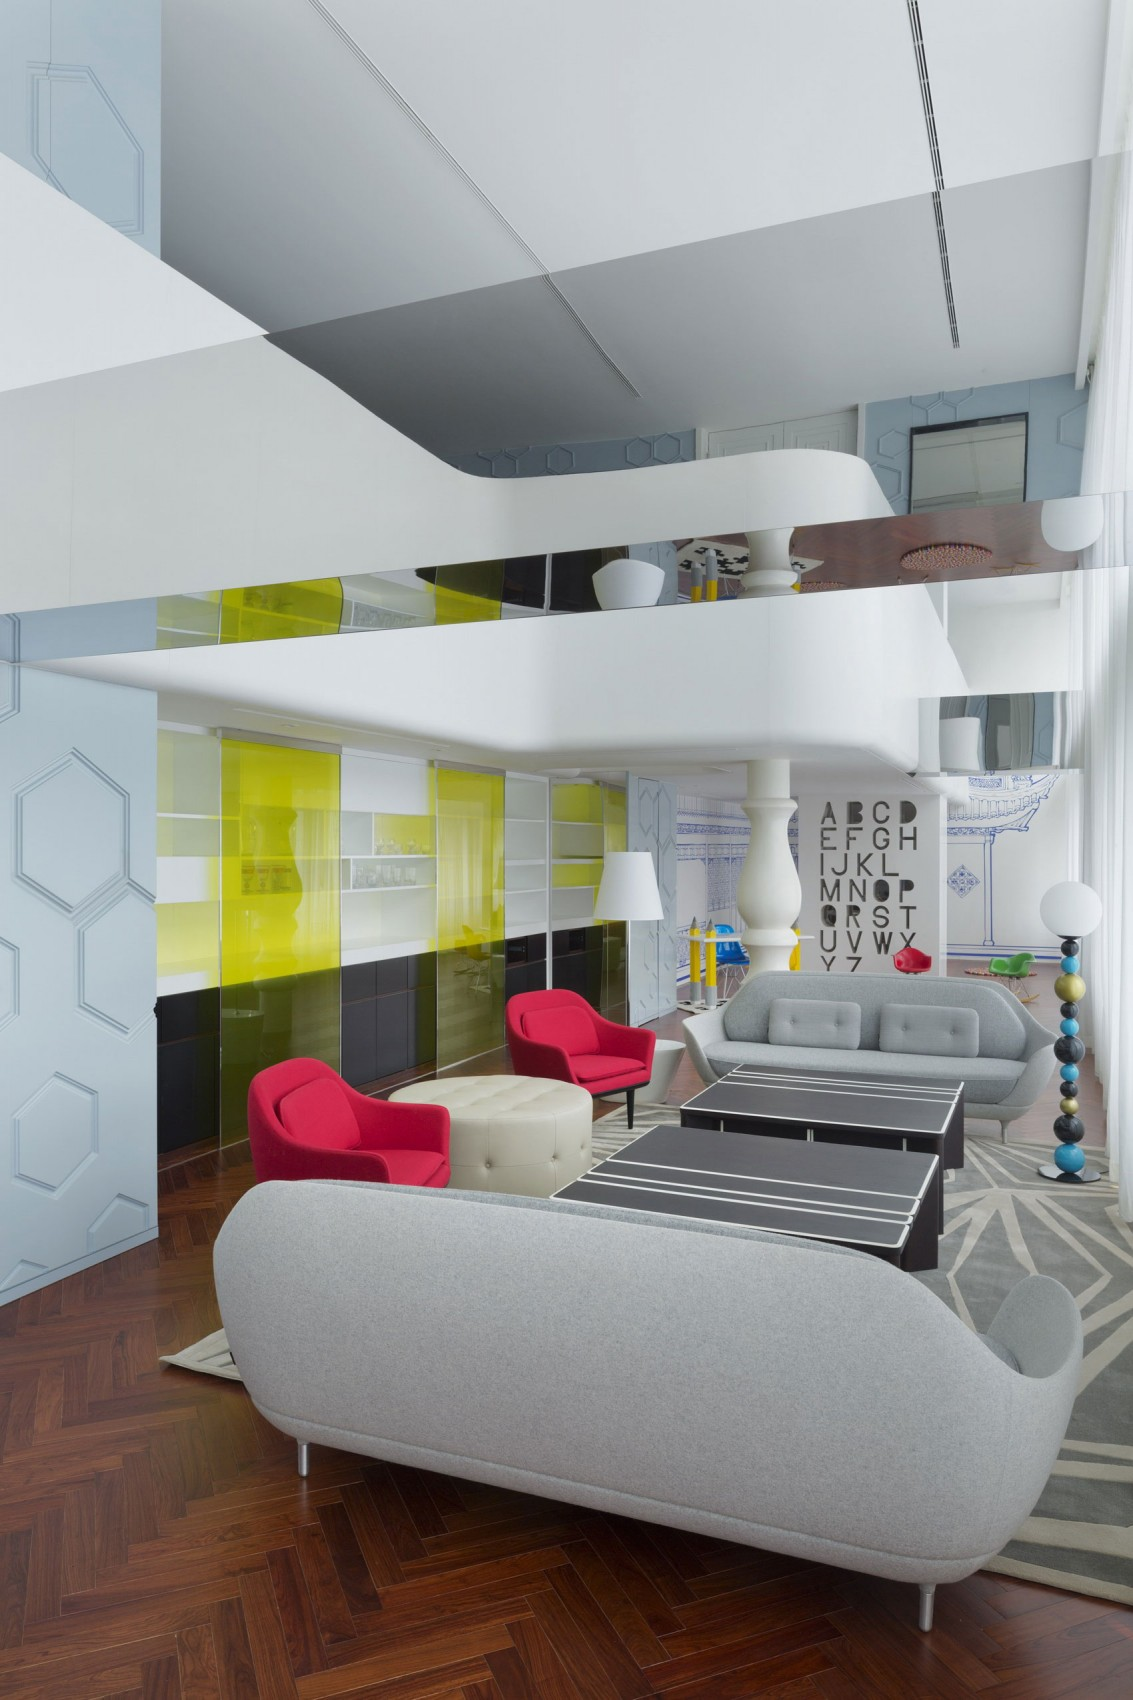 Appartement chinois déco colorée - salon